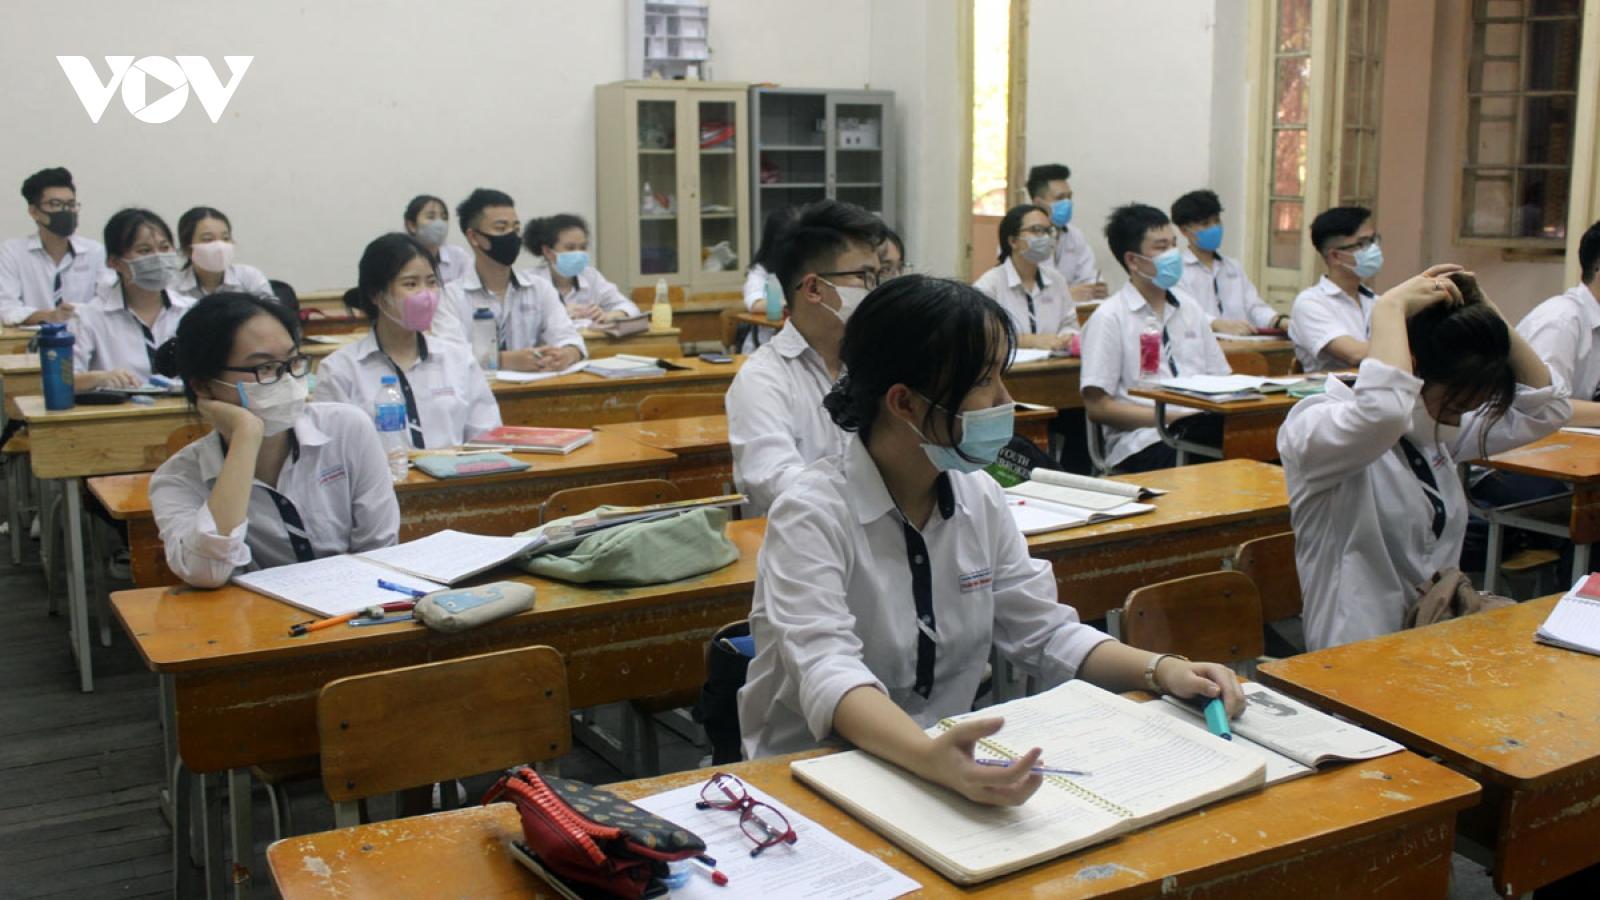 Yêu cầu các Sở GD-ĐT kịp thời cho học sinh nghỉ khi cần để phòng, chống Covid-19